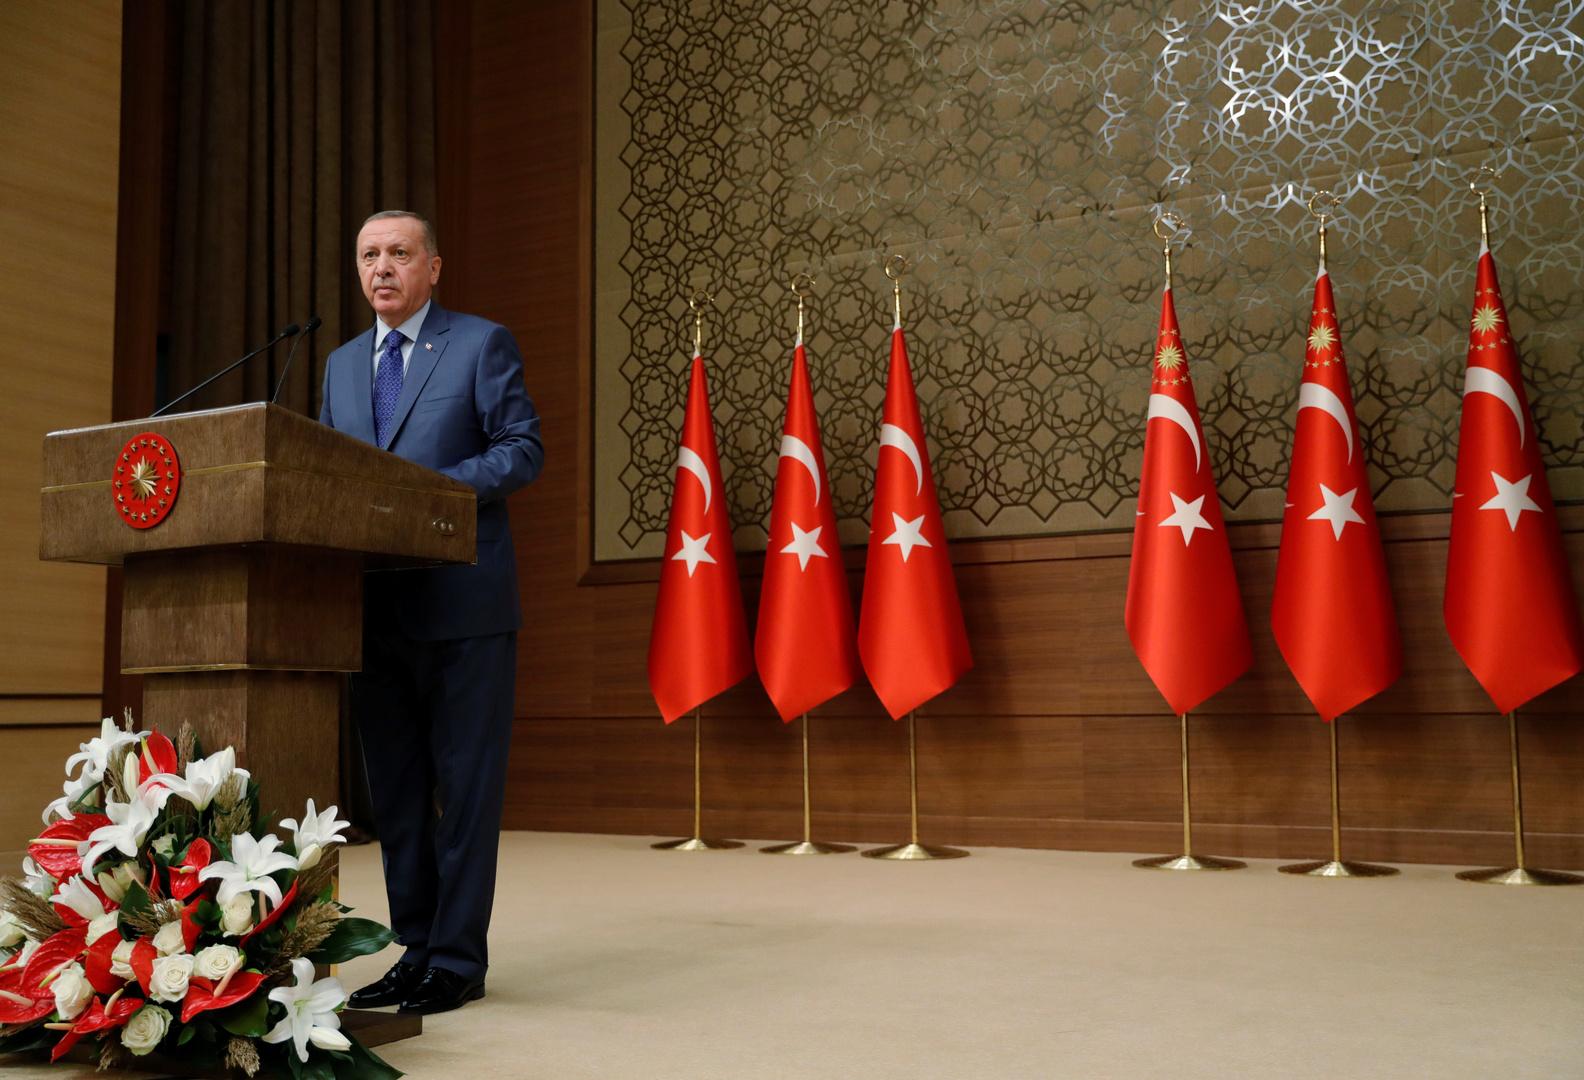 أردوغان: من وعدنا بانسحاب المسلحين خلال 120 ساعة لم يف بوعده